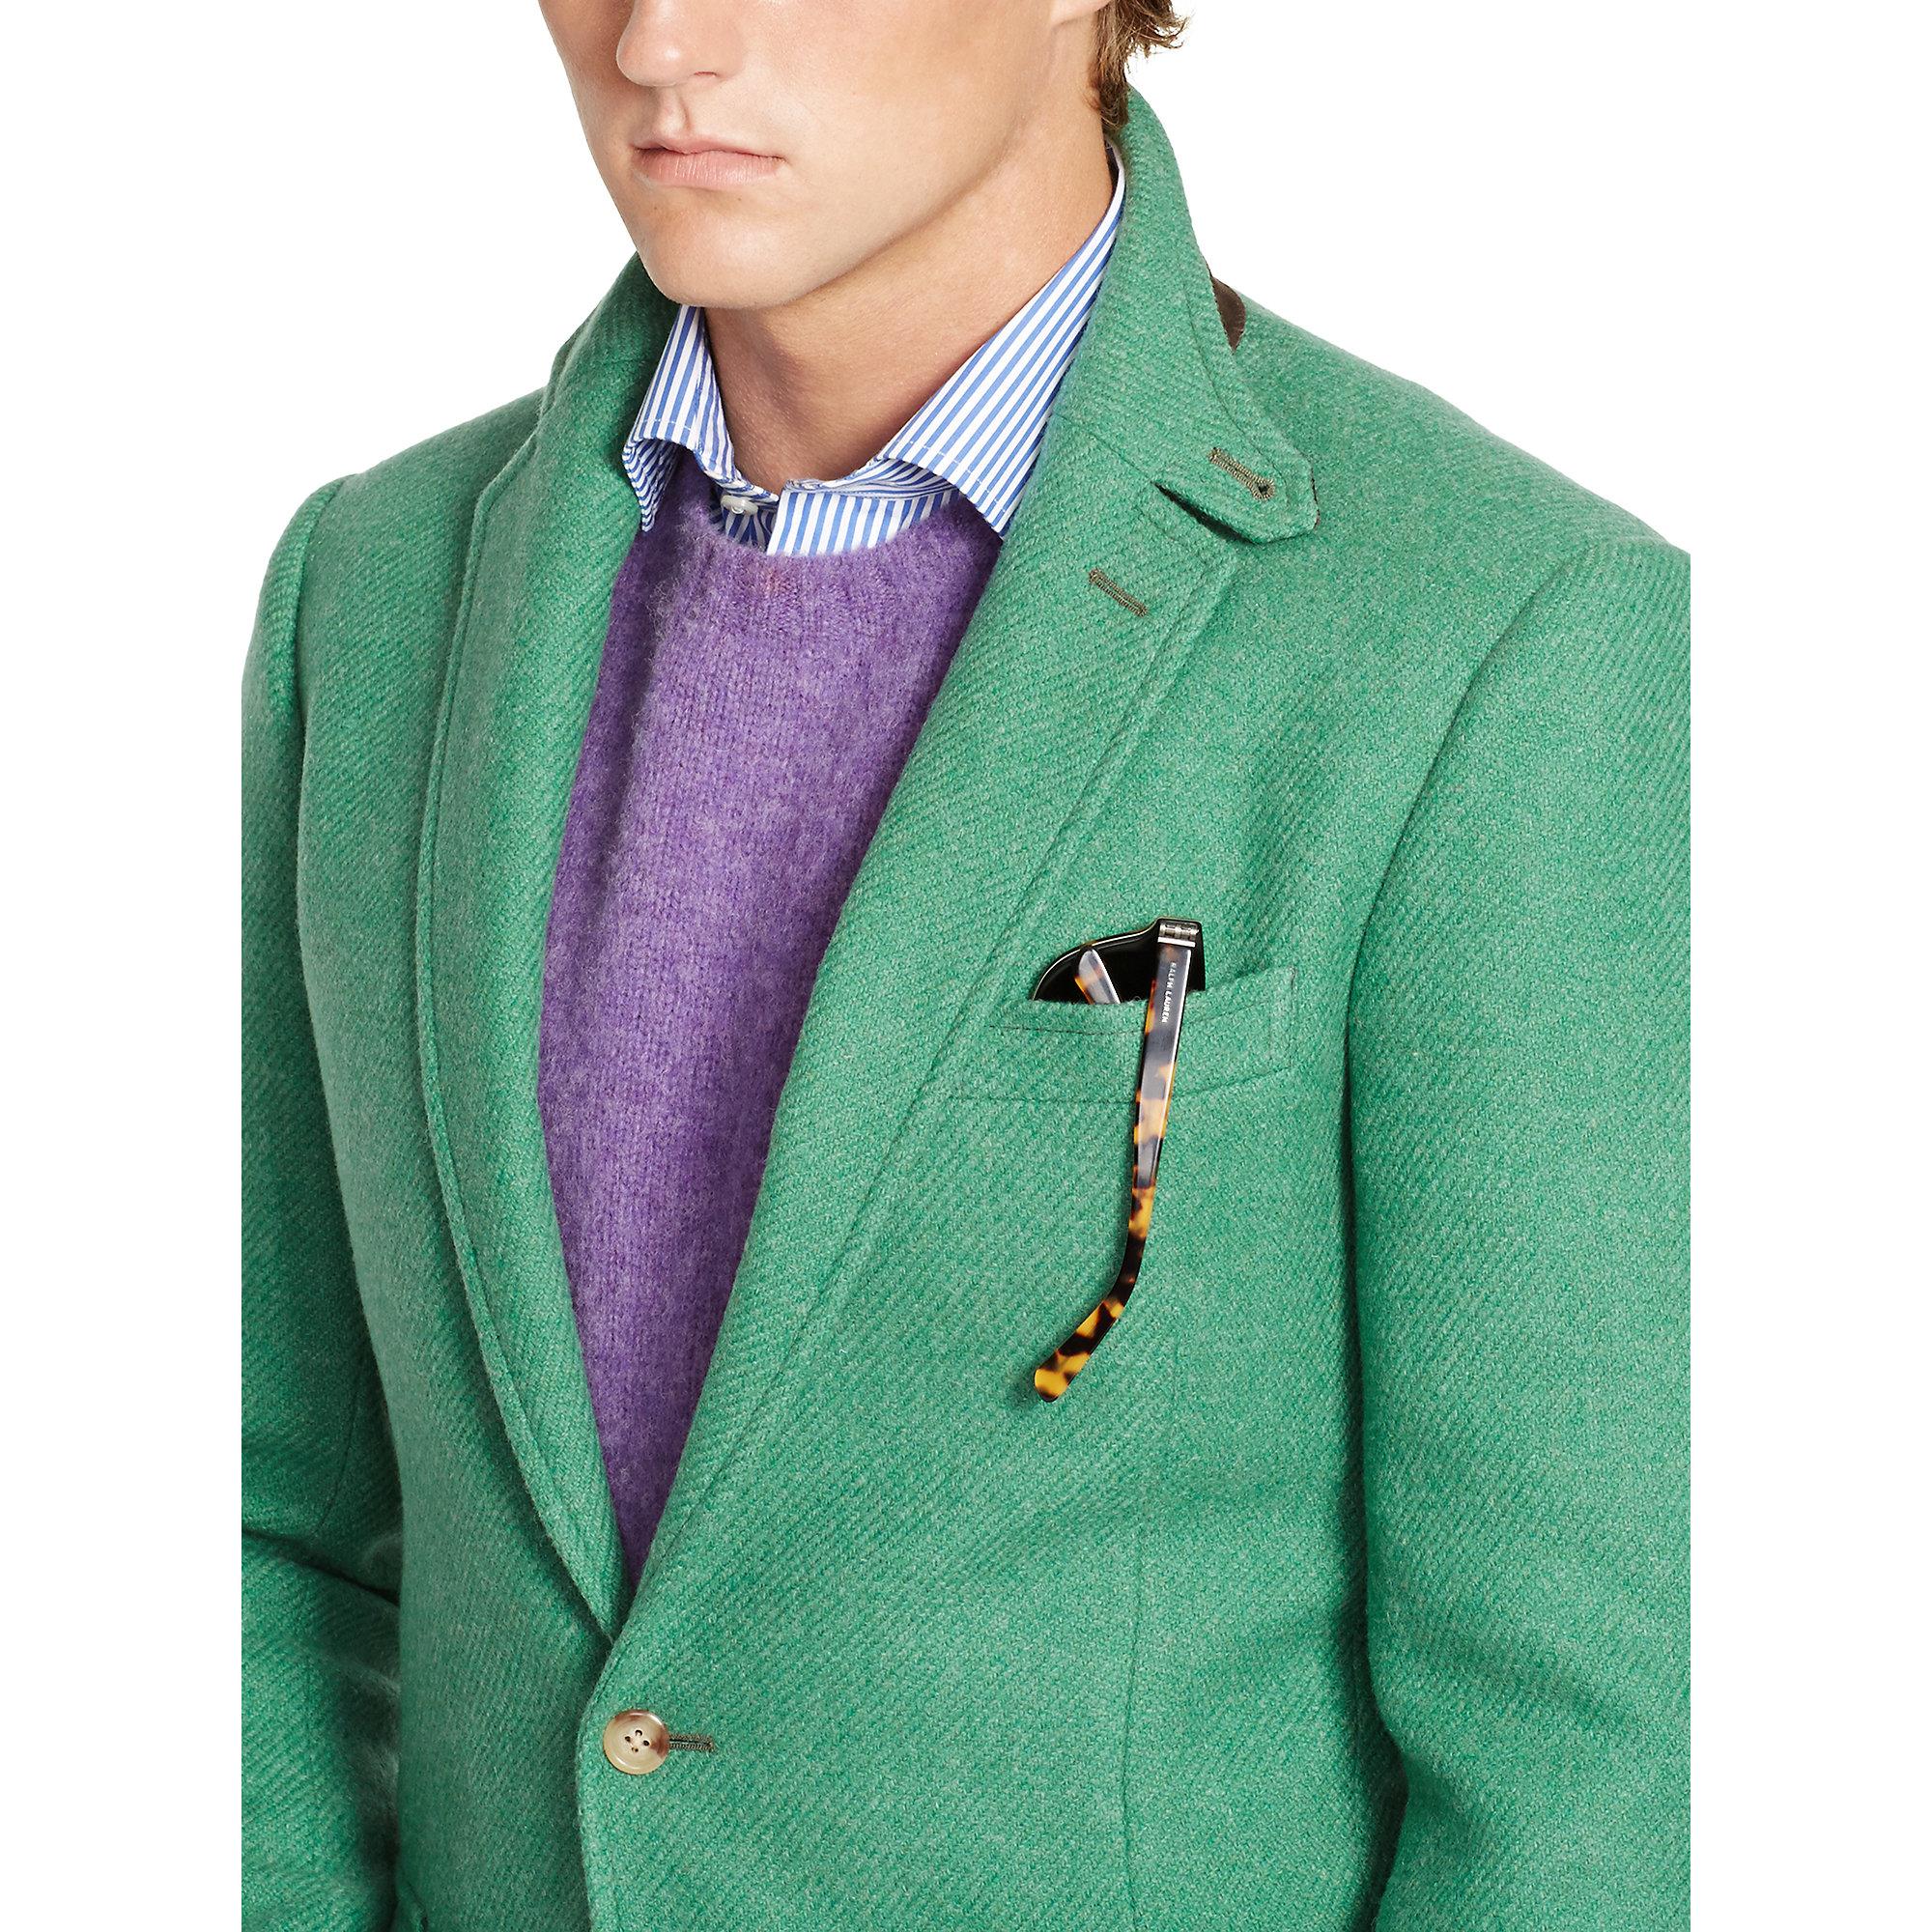 Lyst - Ralph Lauren Bedford Green Sport Coat in Green for Men